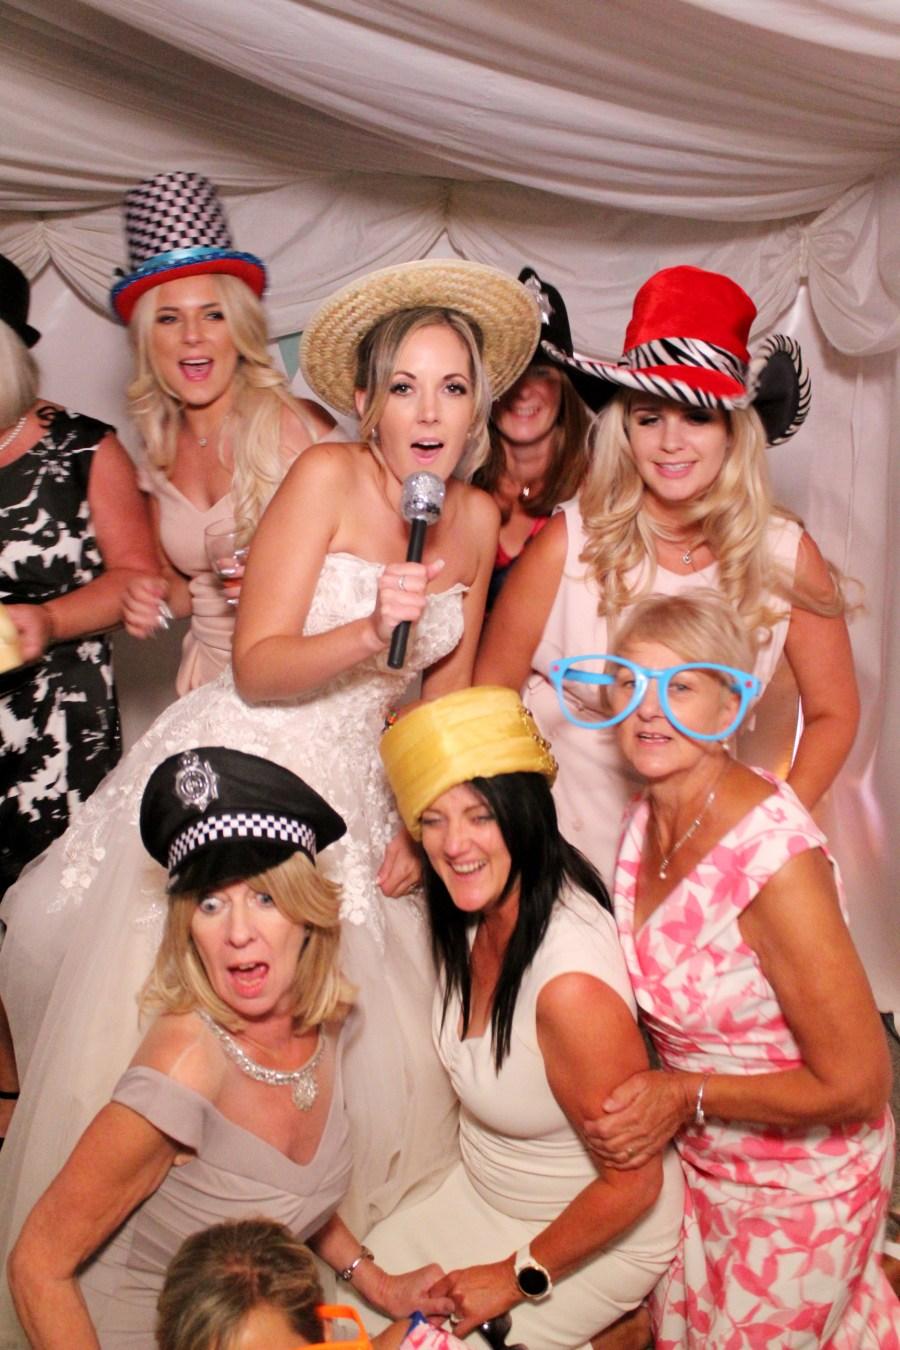 Magic Mirror Party Photos